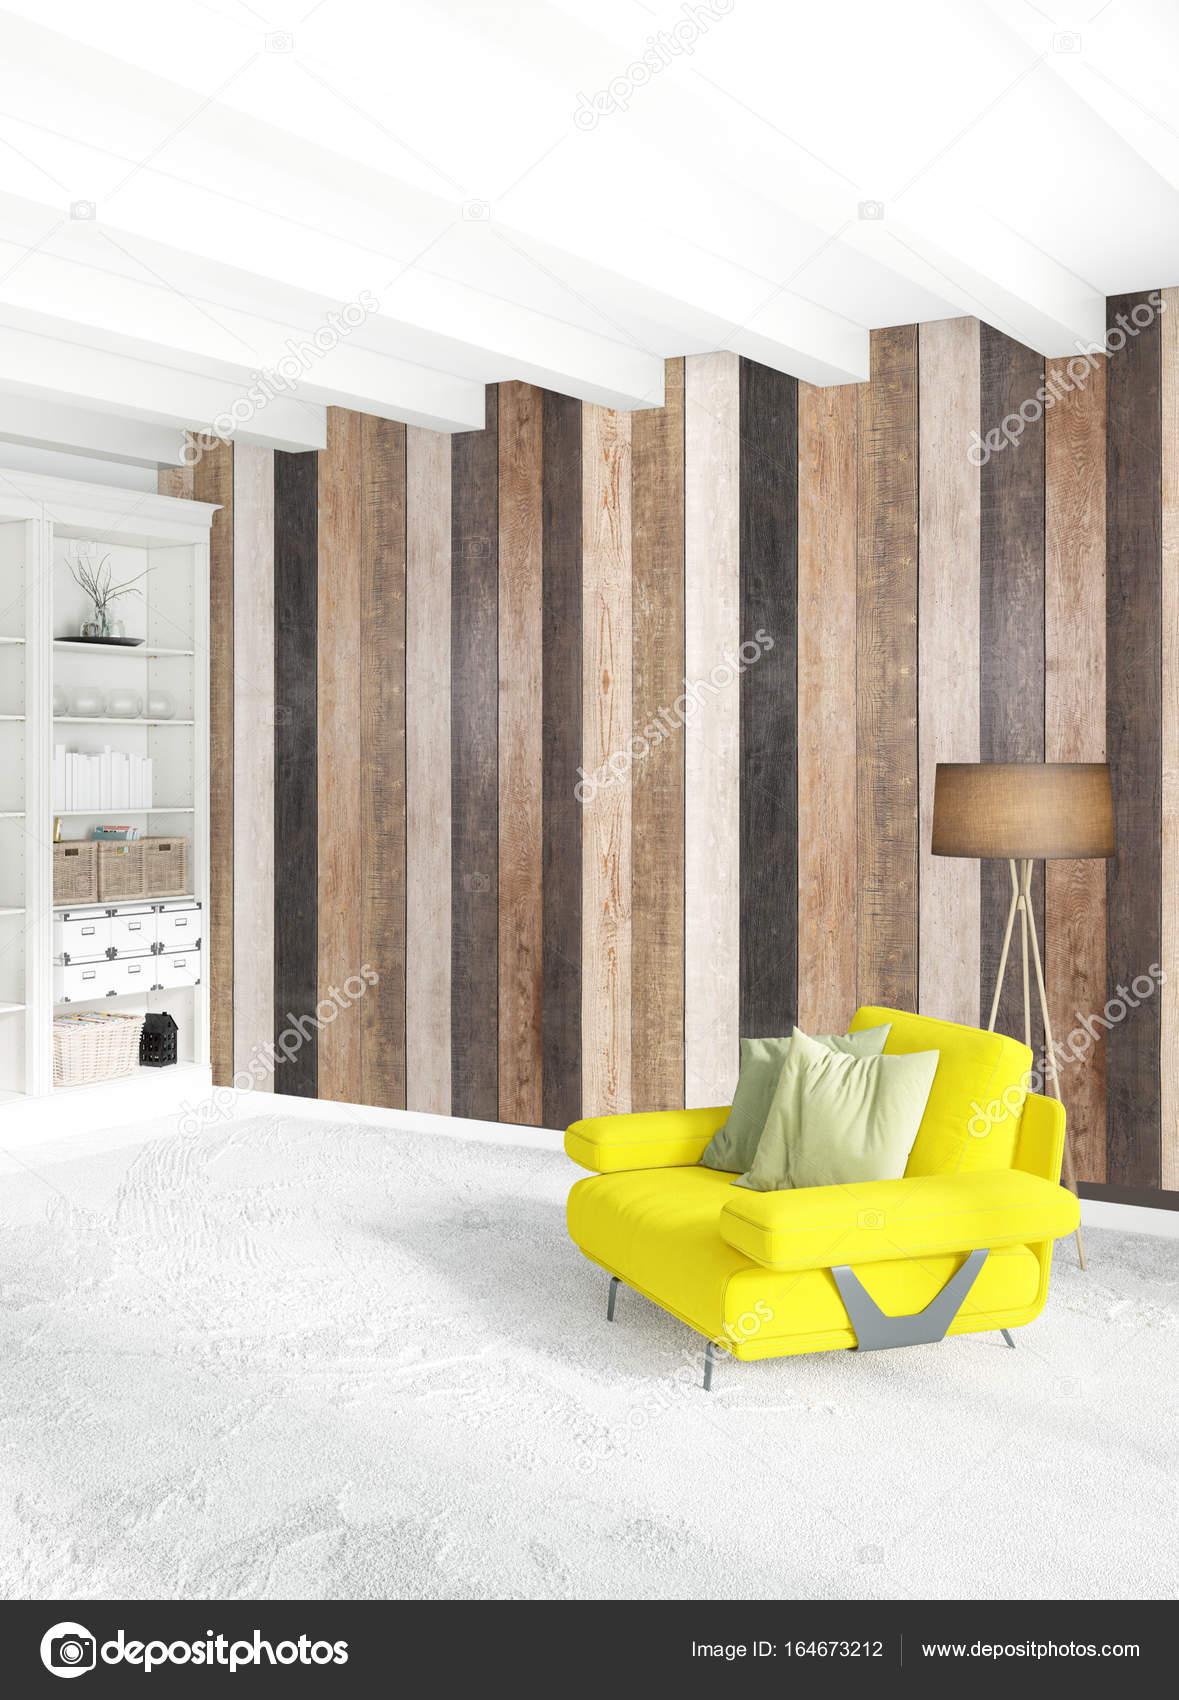 Cloison en bois décoration chambre minime, un canapé jaune ...